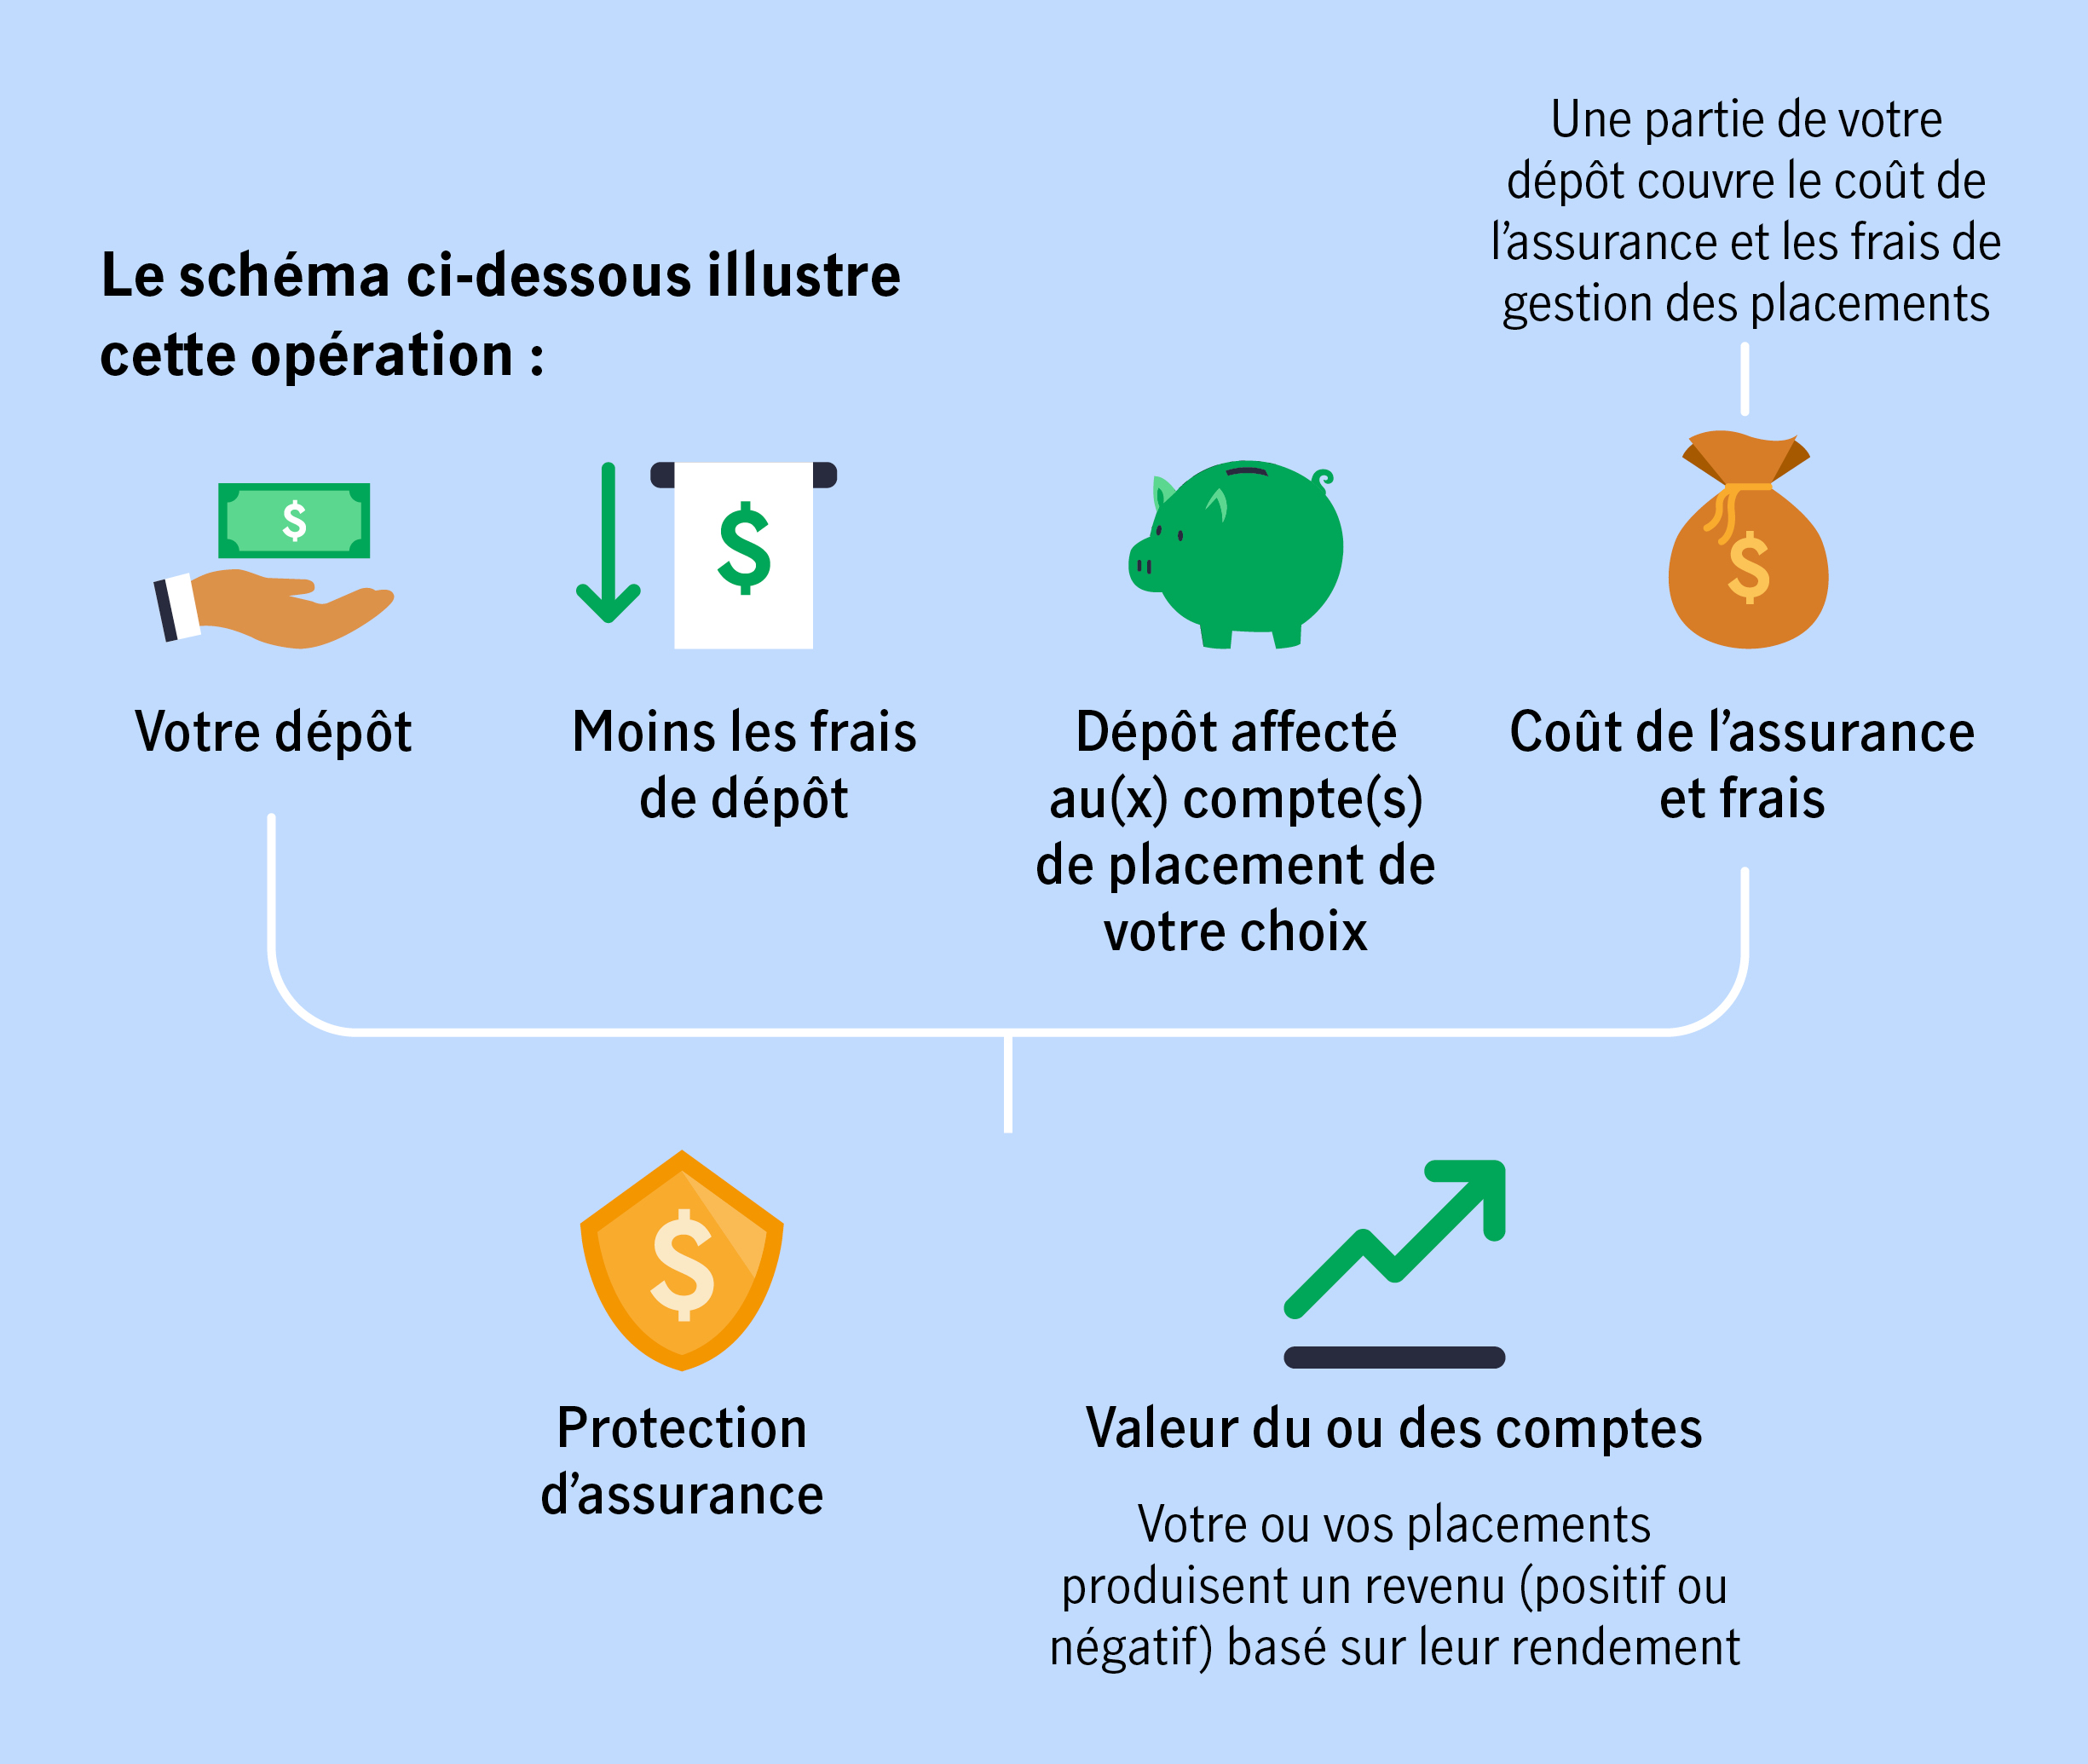 Le schema ci-dessous illustre cette operation : votre depot, moins les frais de depot, depot affecte au(x) compte(s) de placement de votre choix, cout de l'assurance et frais - une partie de votre depot couvre le cout de l'assurance et les frais de gestion des placements